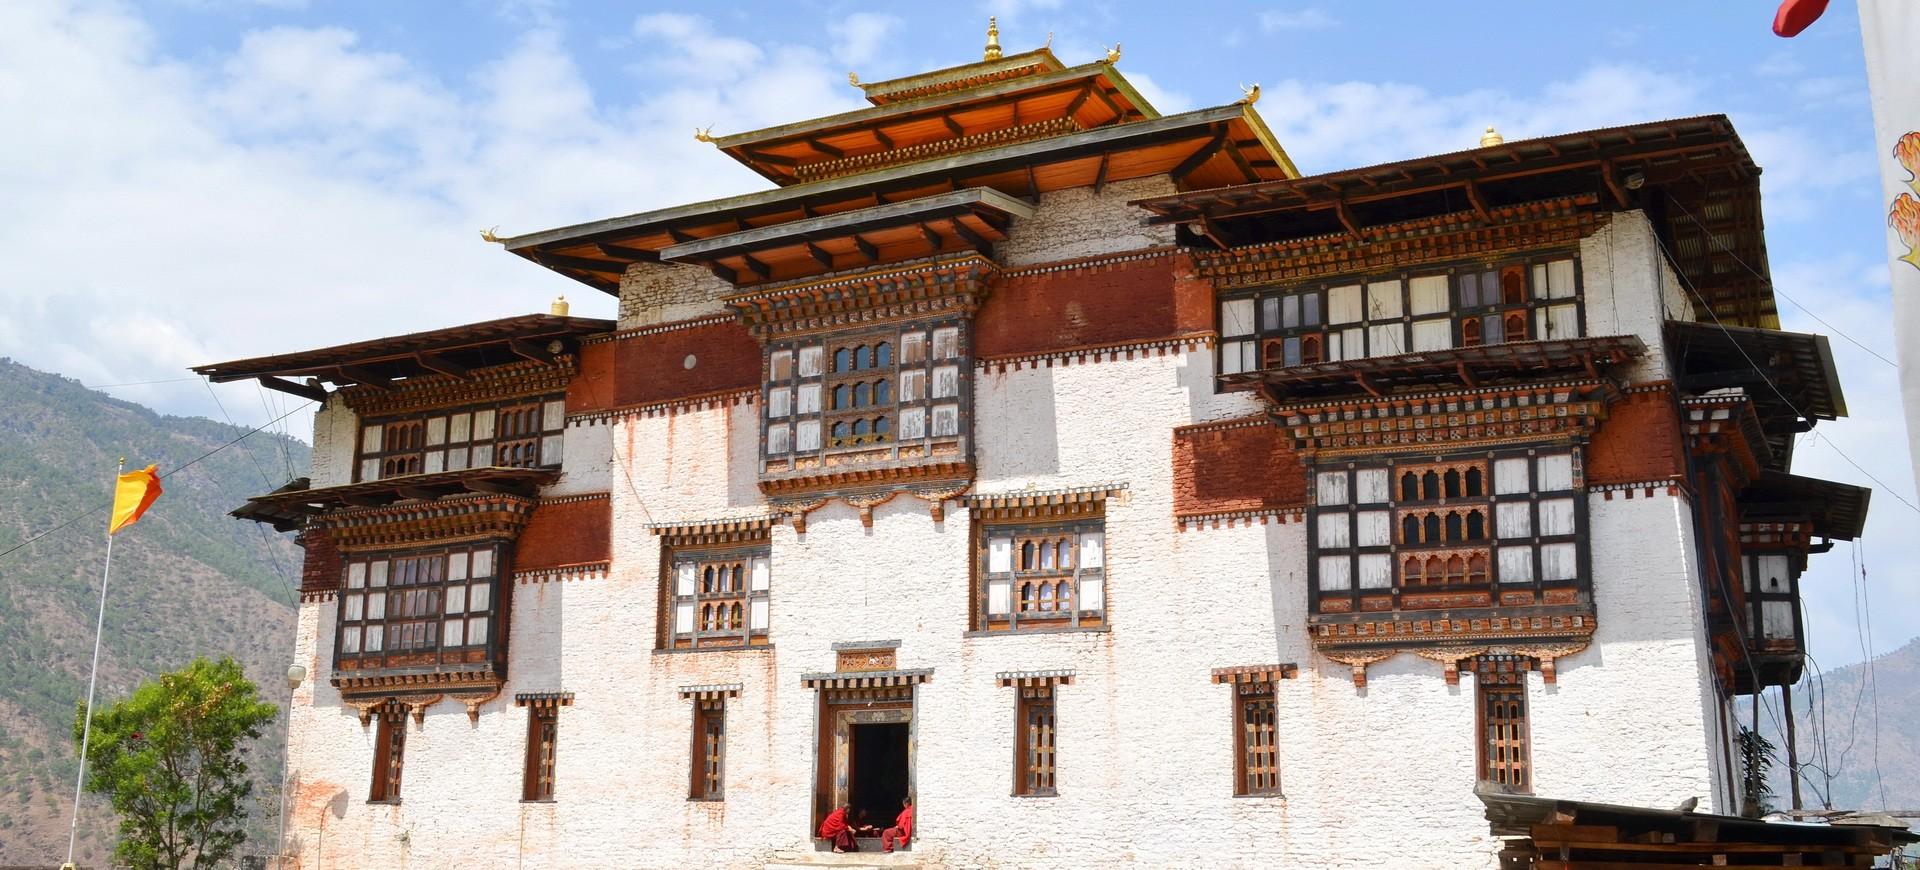 Bhoutan Trashigang Dzong Monastère